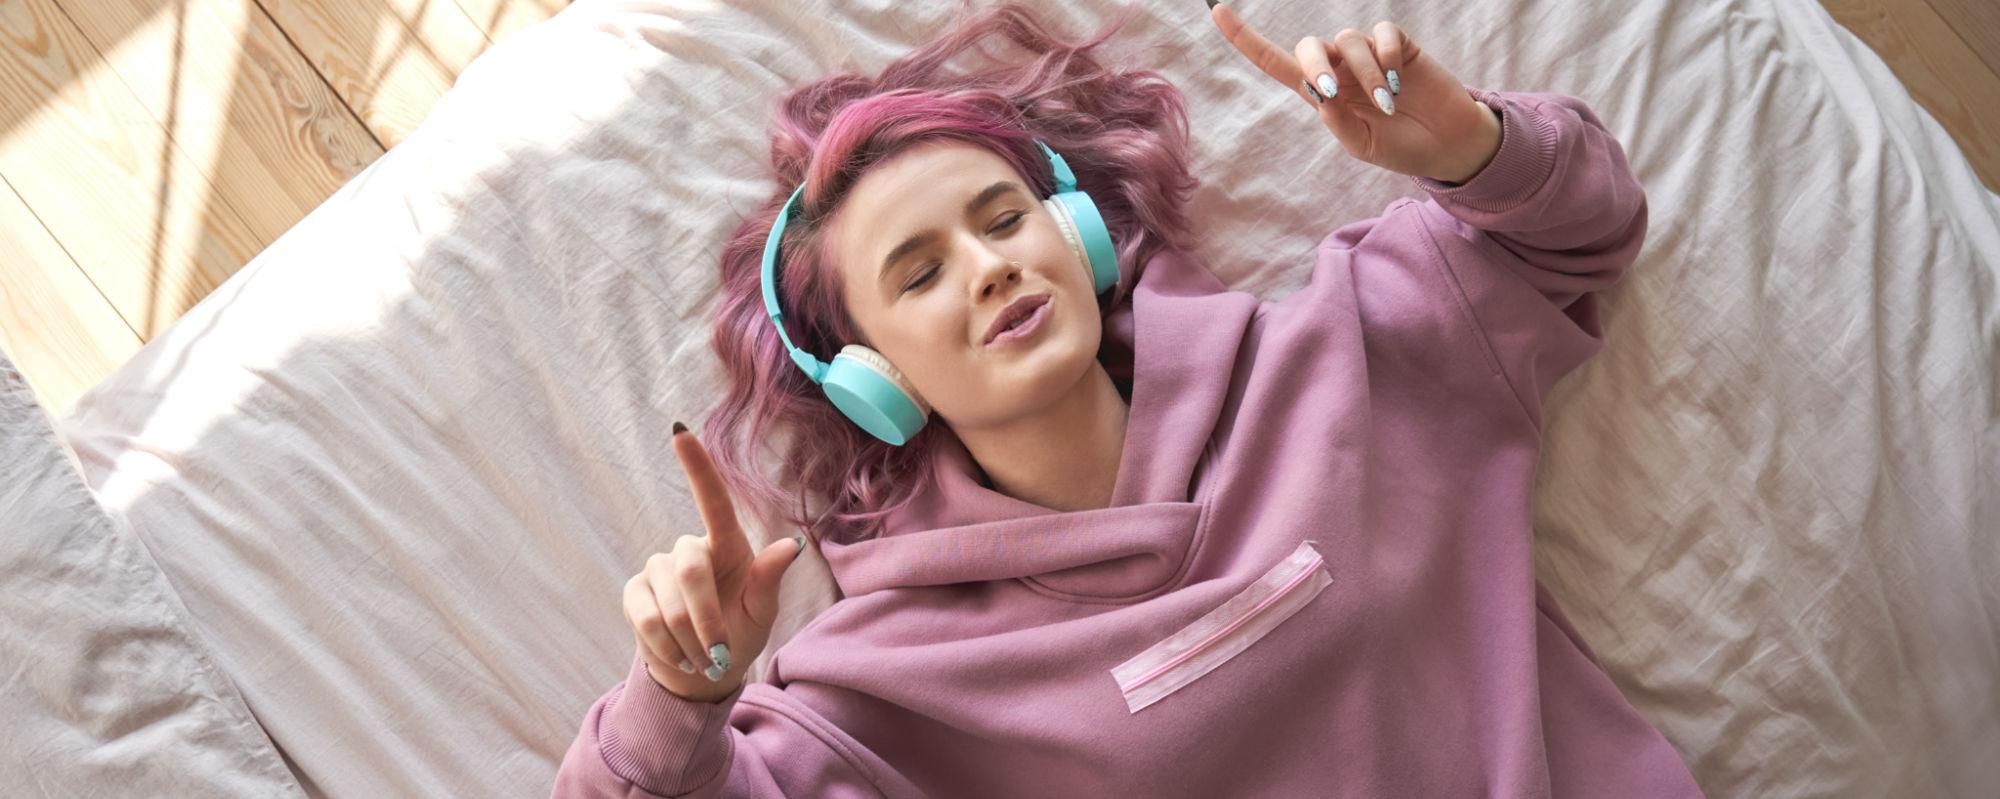 Pige lytter til musik